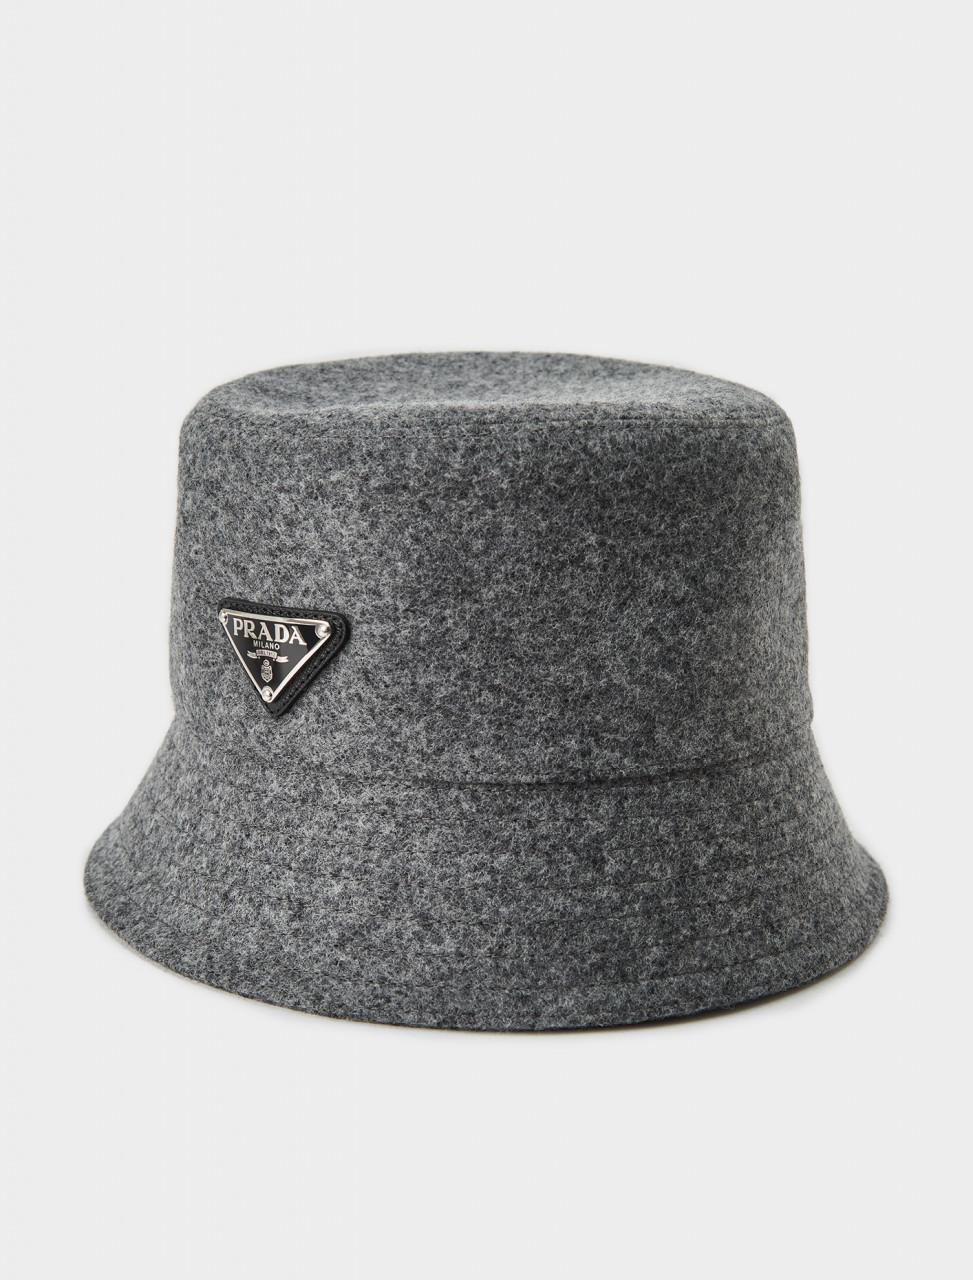 Prada Loden Bucket Hat in Slate Grey